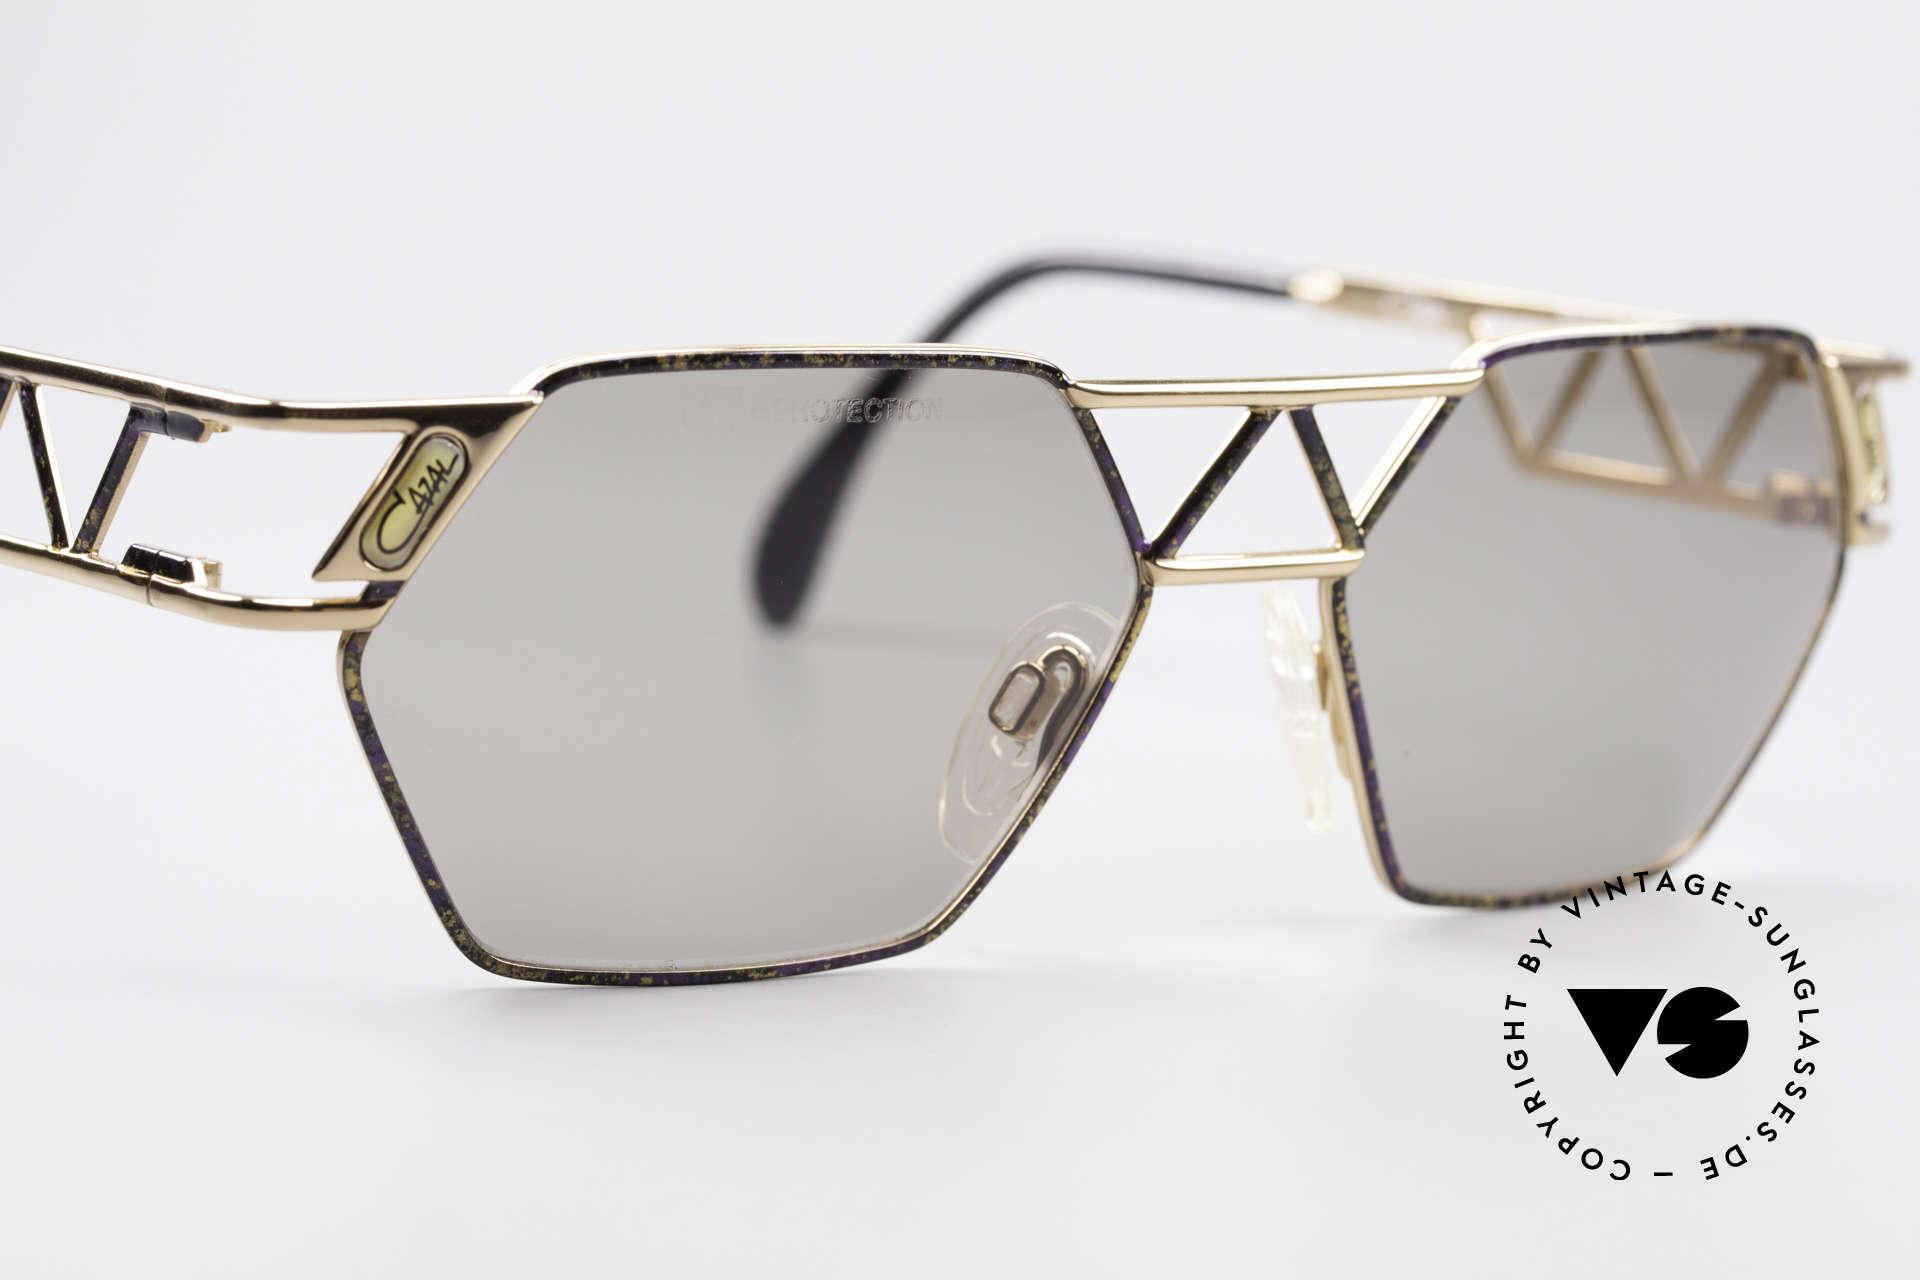 Cazal 960 Vintage Designer Sonnenbrille, ungetragen (wie alle unsere CAZAL vintage Brillen), Passend für Herren und Damen